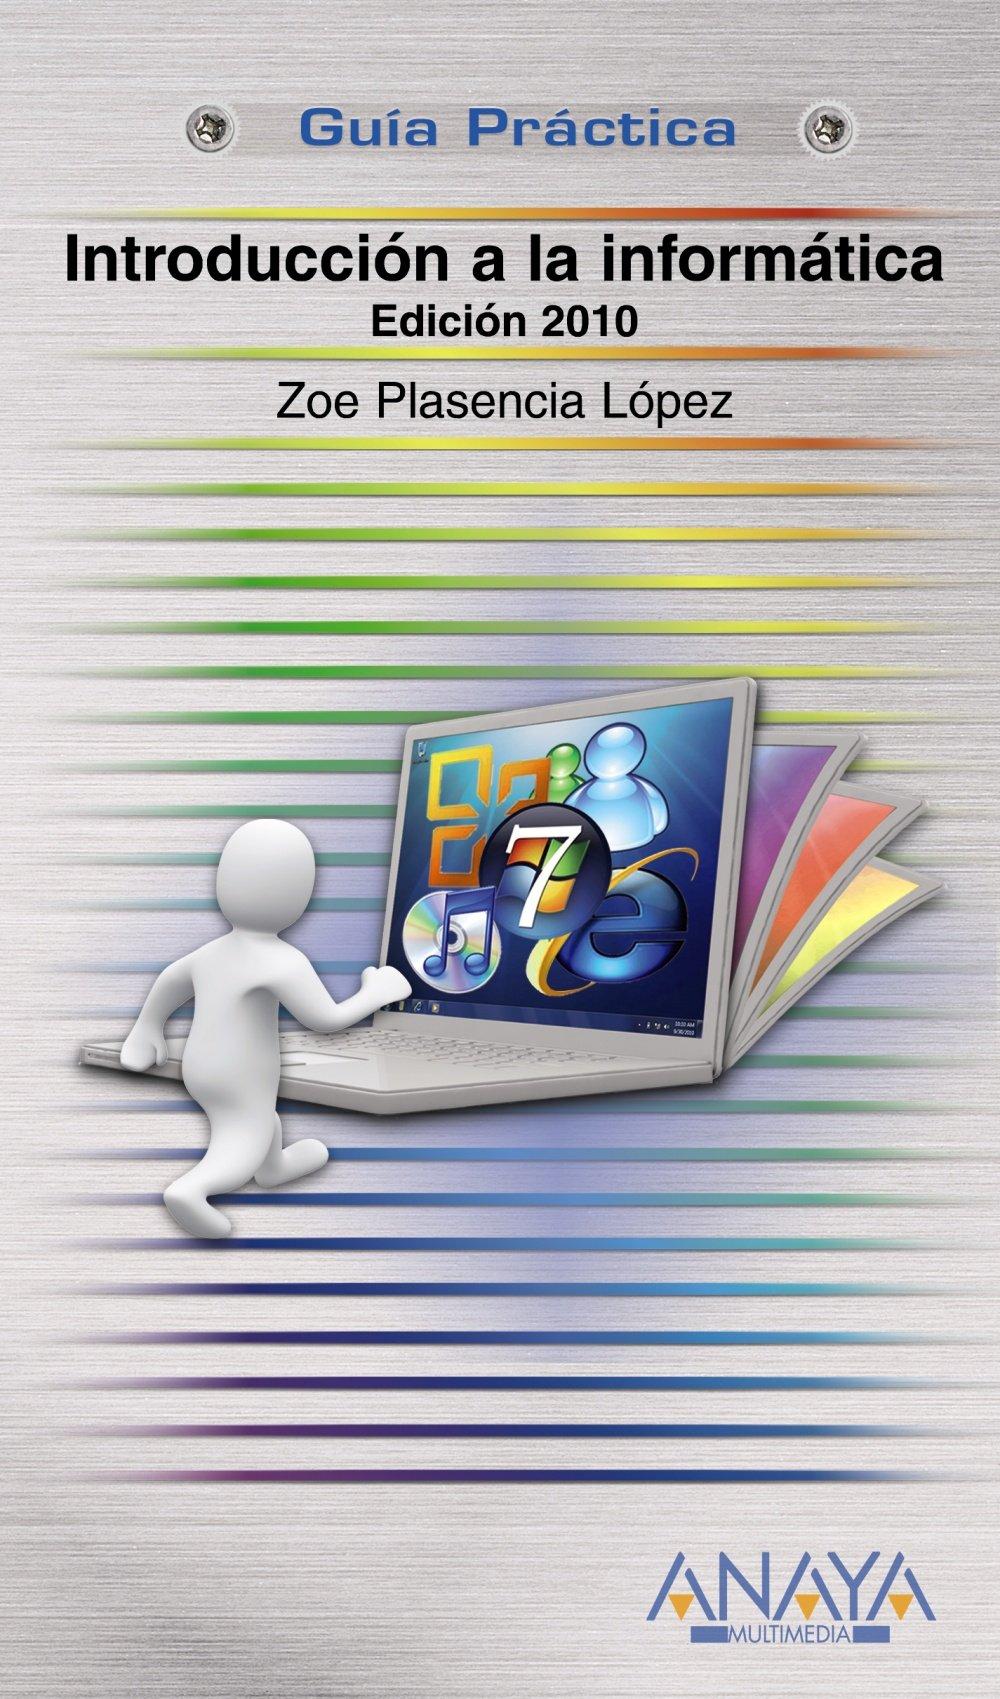 Introducción a la Informática. Edición 2010 (Guías Prácticas) Tapa blanda – 1 mar 2010 Zoe Plasencia López ANAYA MULTIMEDIA 8441527067 JP047295